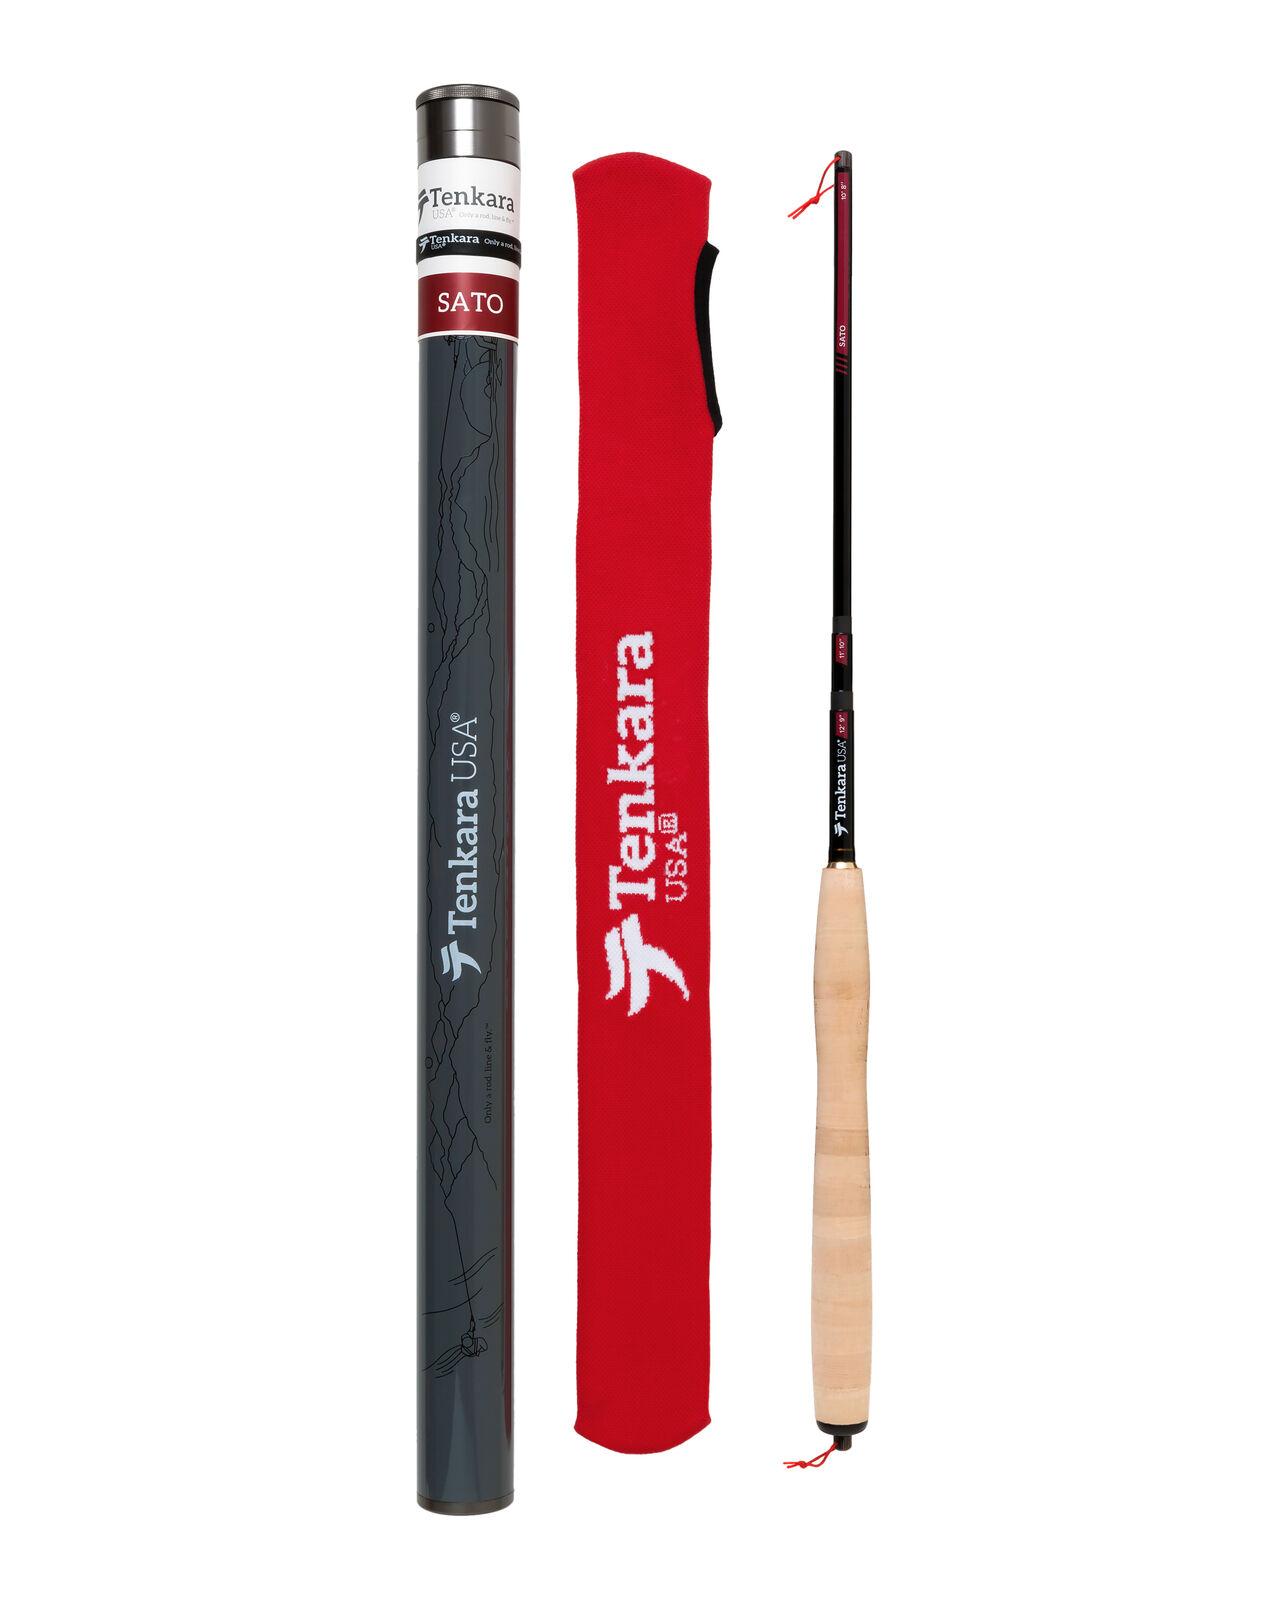 Tenkara USA Sato Tenkara Fly Rod + Case - Triple Zoom 10'8   11'10  12'9